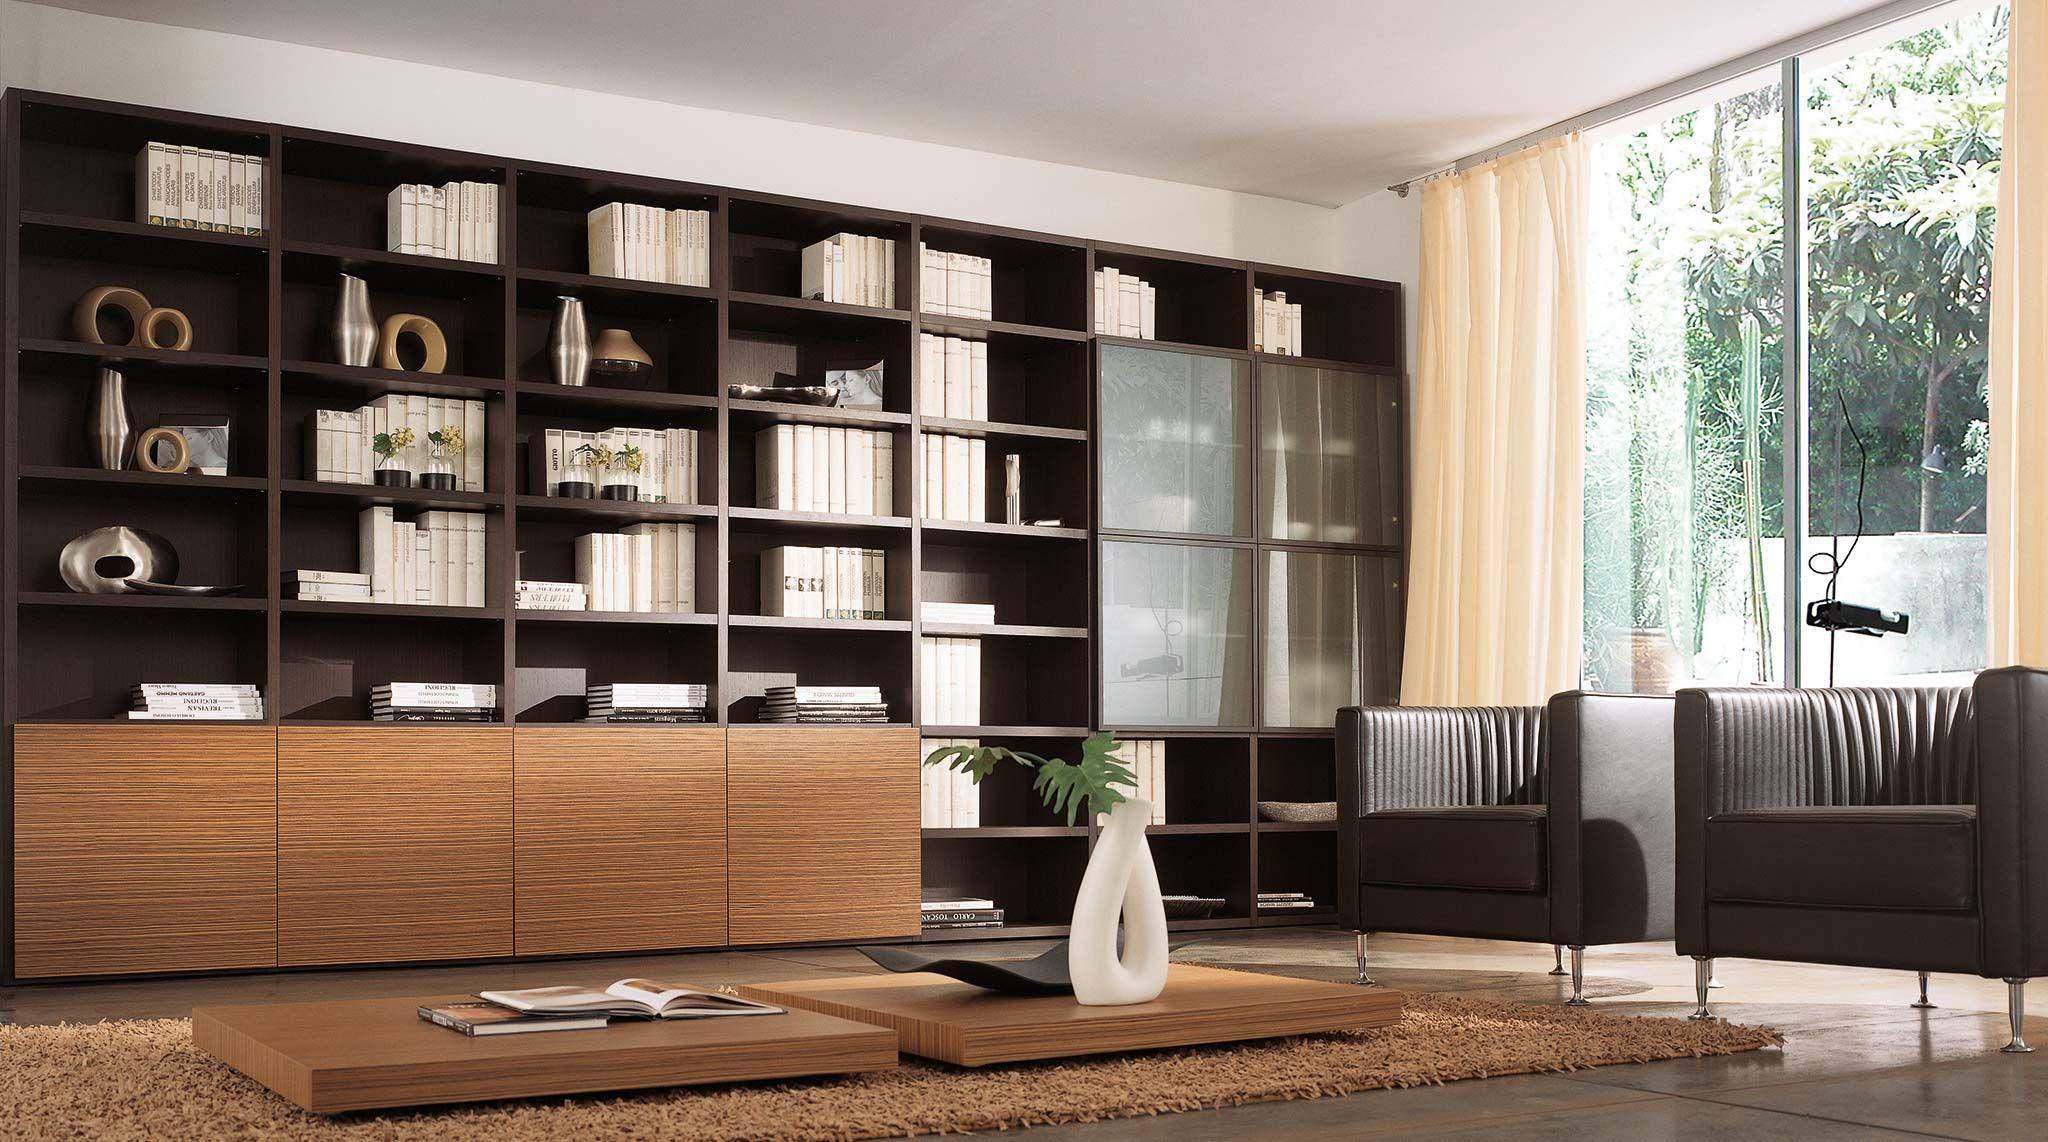 Mobile libreria componibile libreria componibile per for Librerie in legno componibili